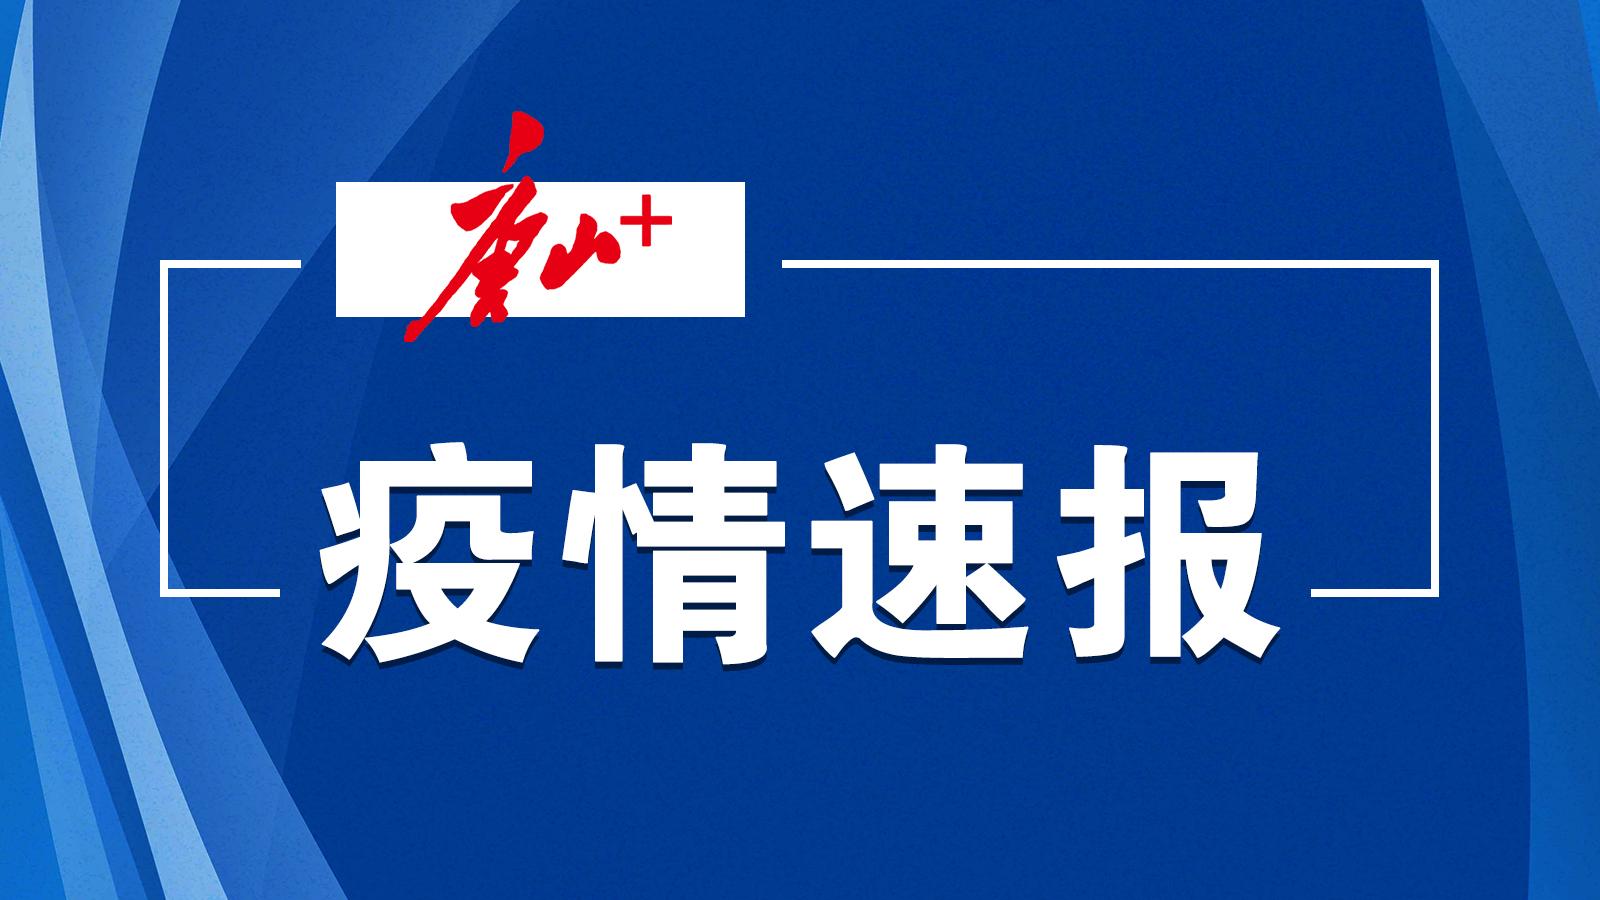 9月27日河北无新增确诊病例